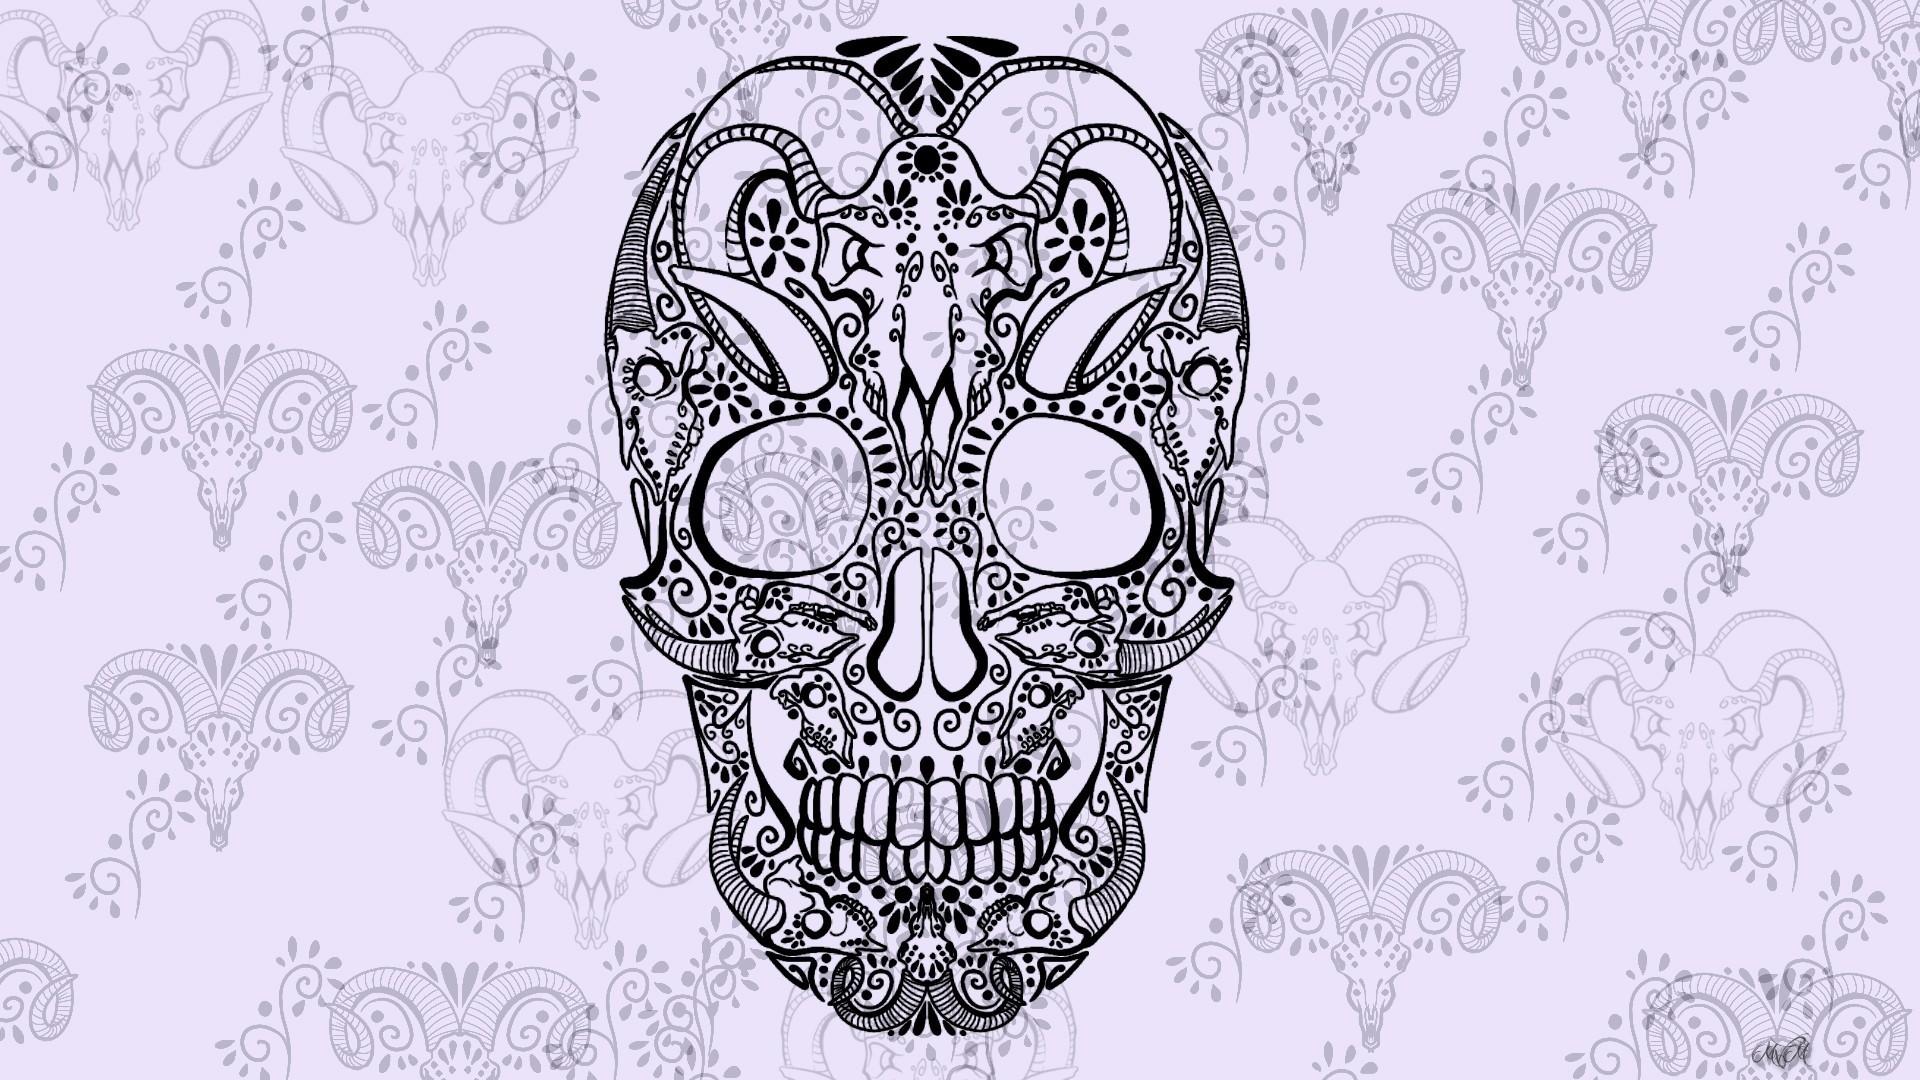 Sugar Skull wallpaper photo hd